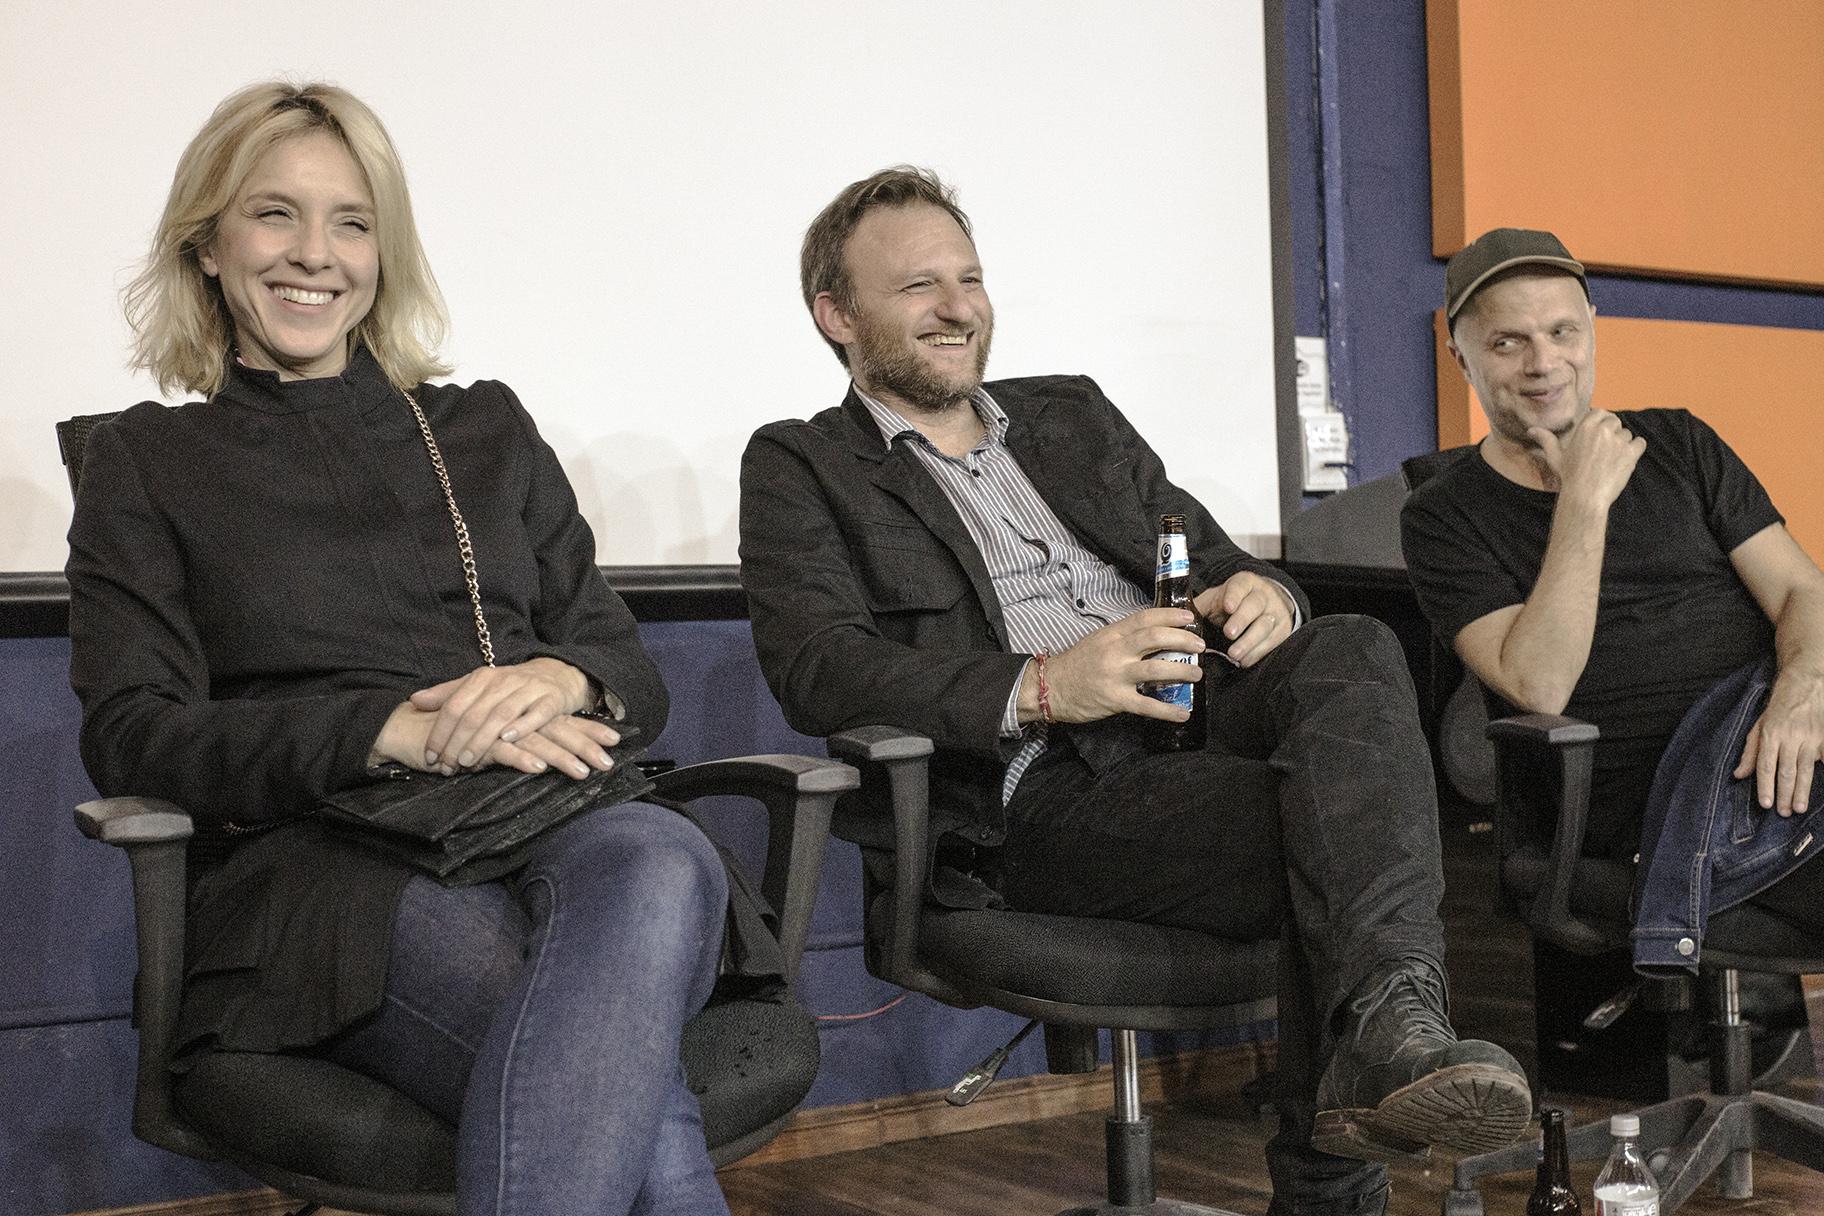 CICLO TÁNDEM: Donde actores y directores cuentan su recorrido juntos